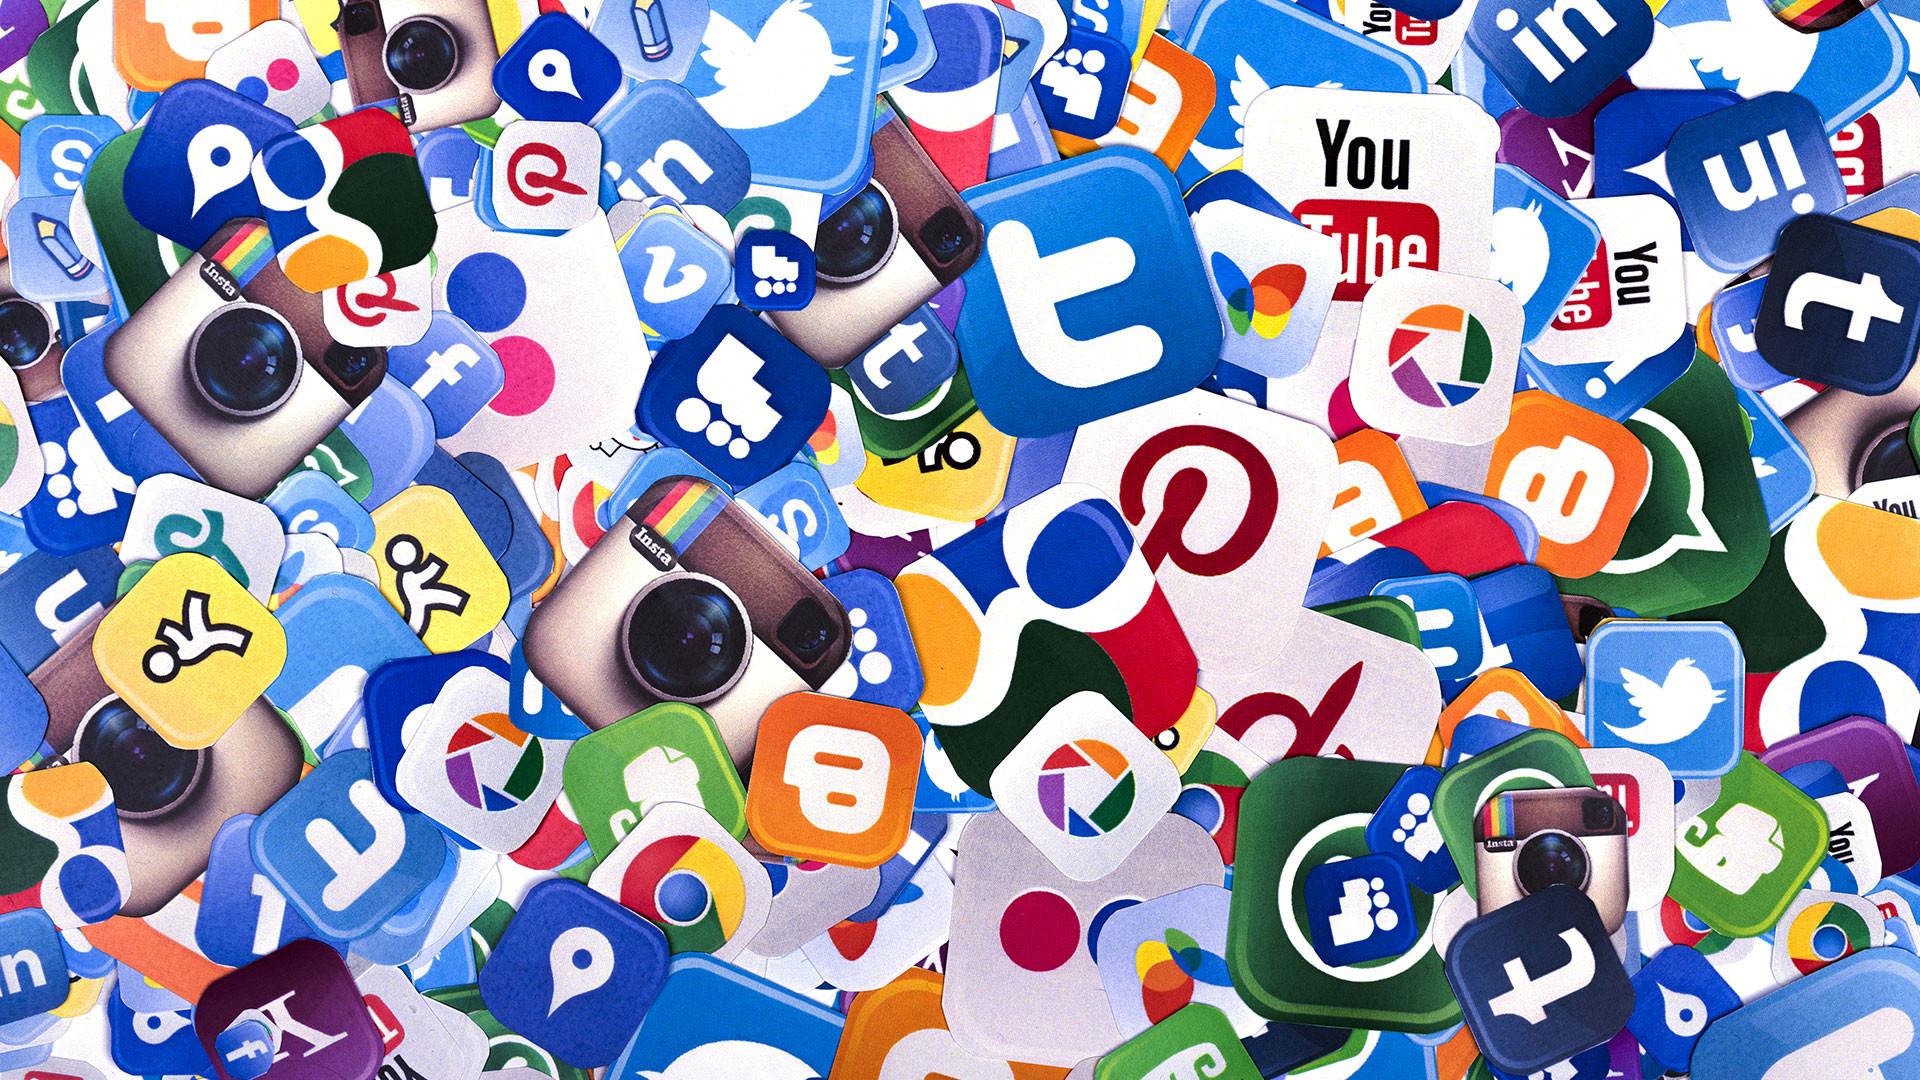 Afbeeldingsresultaat voor social media wallpaper hd